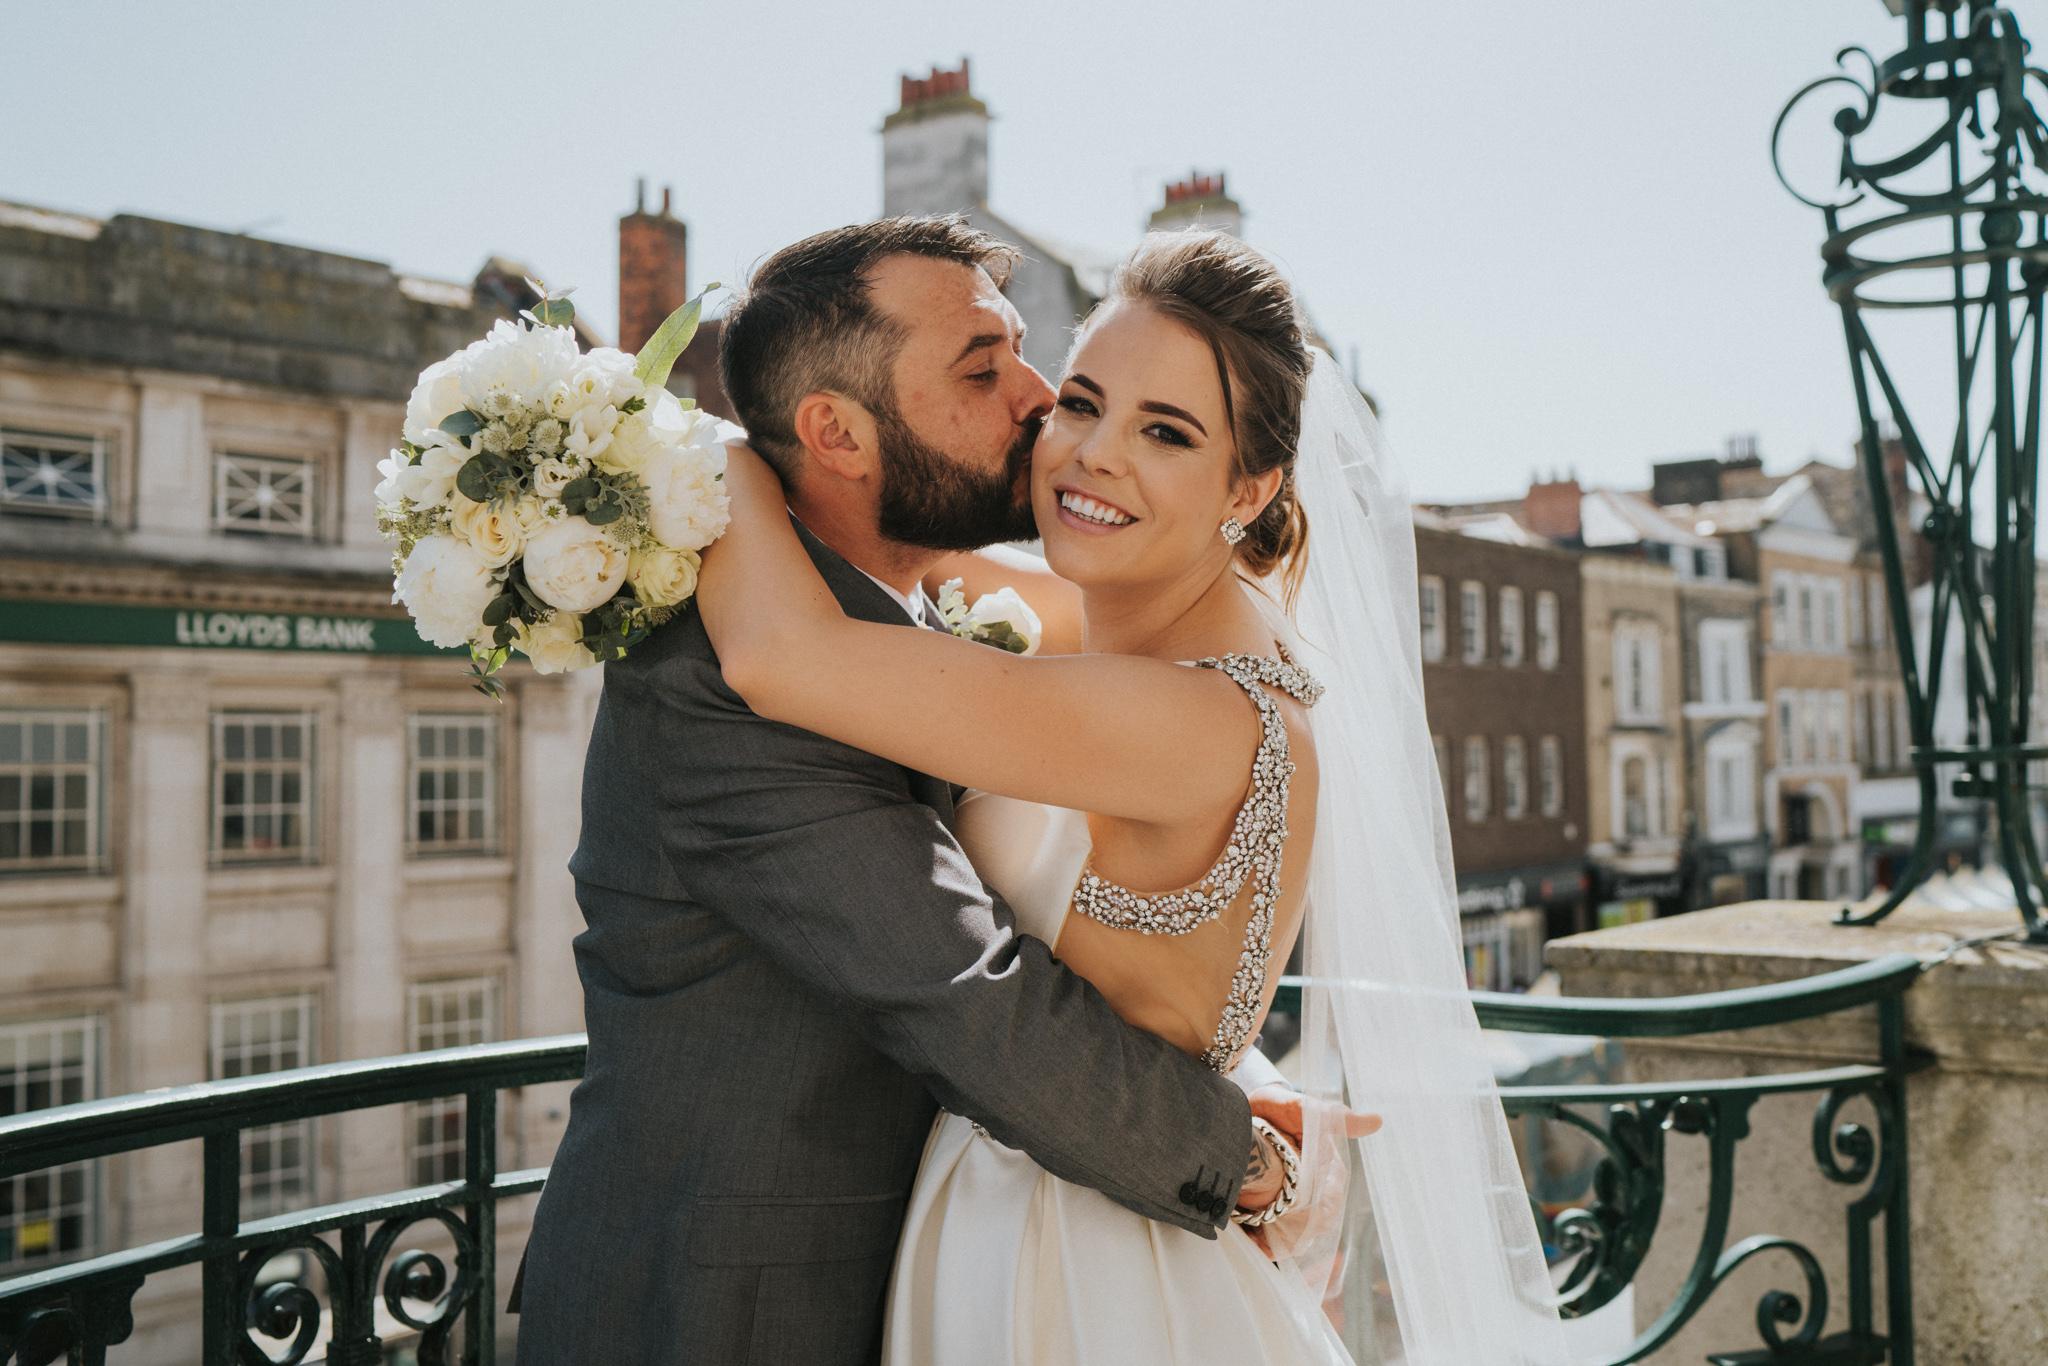 tess-adam-colchester-intimate-elopement-grace-elizabeth-colchester-essex-alternative-wedding-lifestyle-photographer-essex-suffolk-norfolk-devon (12 of 20).jpg